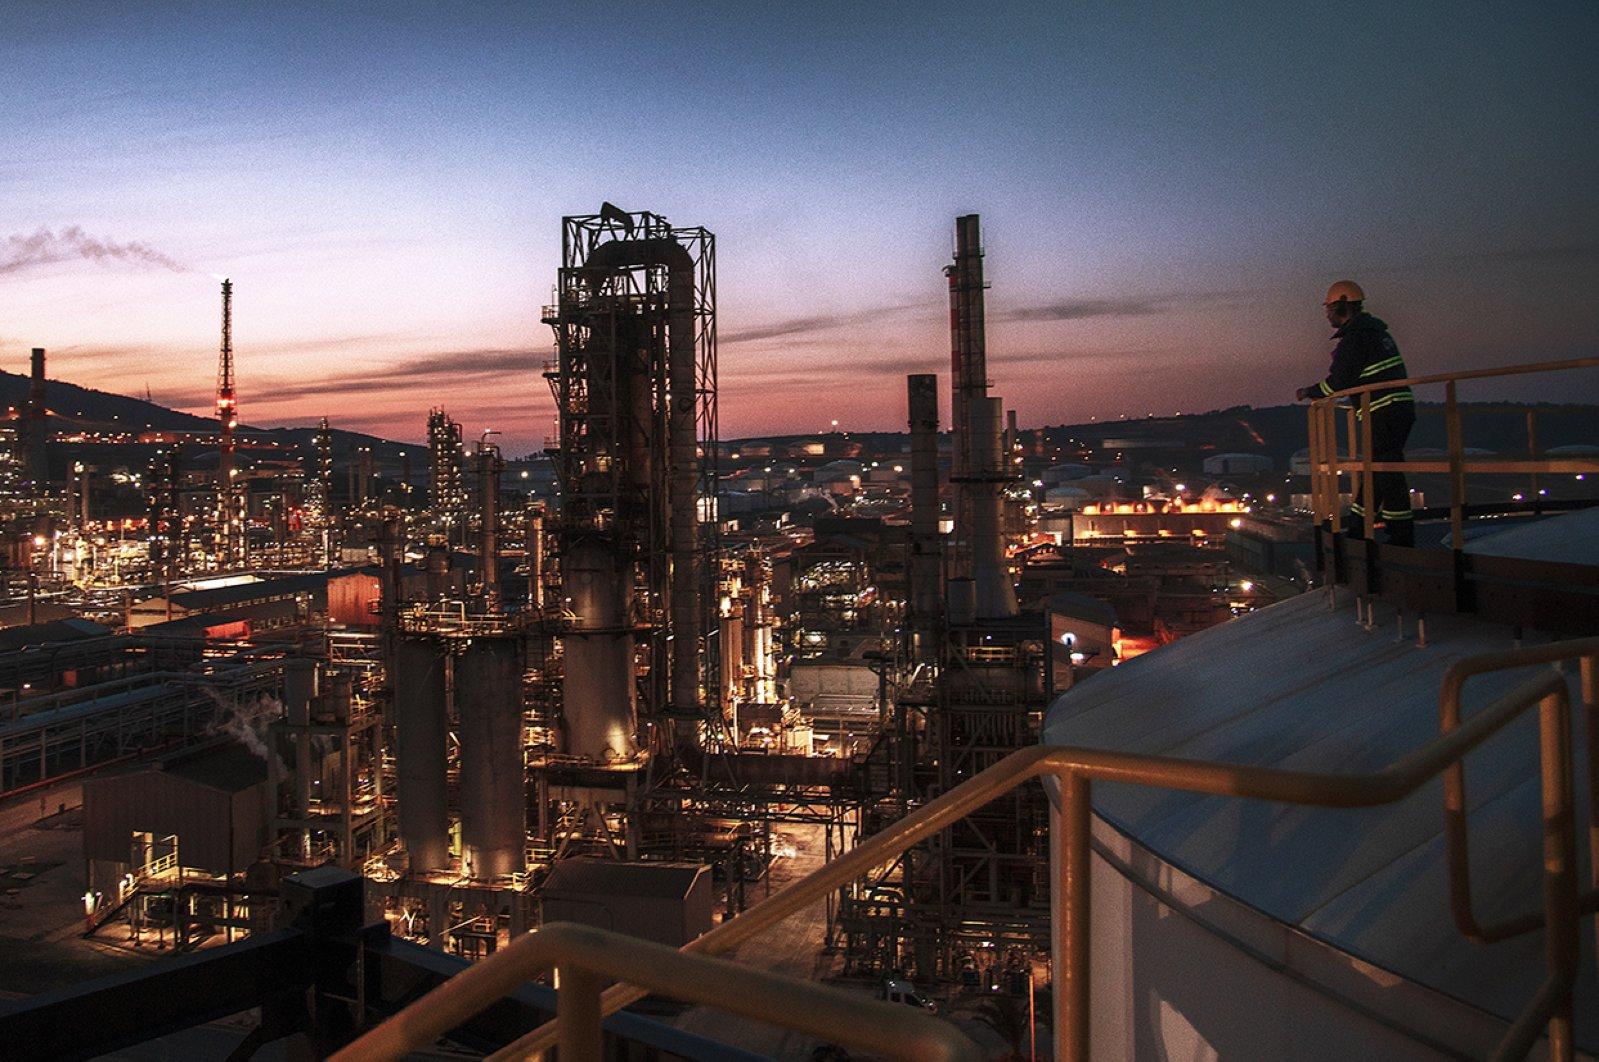 A worker is seen at Tüpraş's oil refinery in western Turkey's Izmir. (Photo courtesy of Tüpraş)